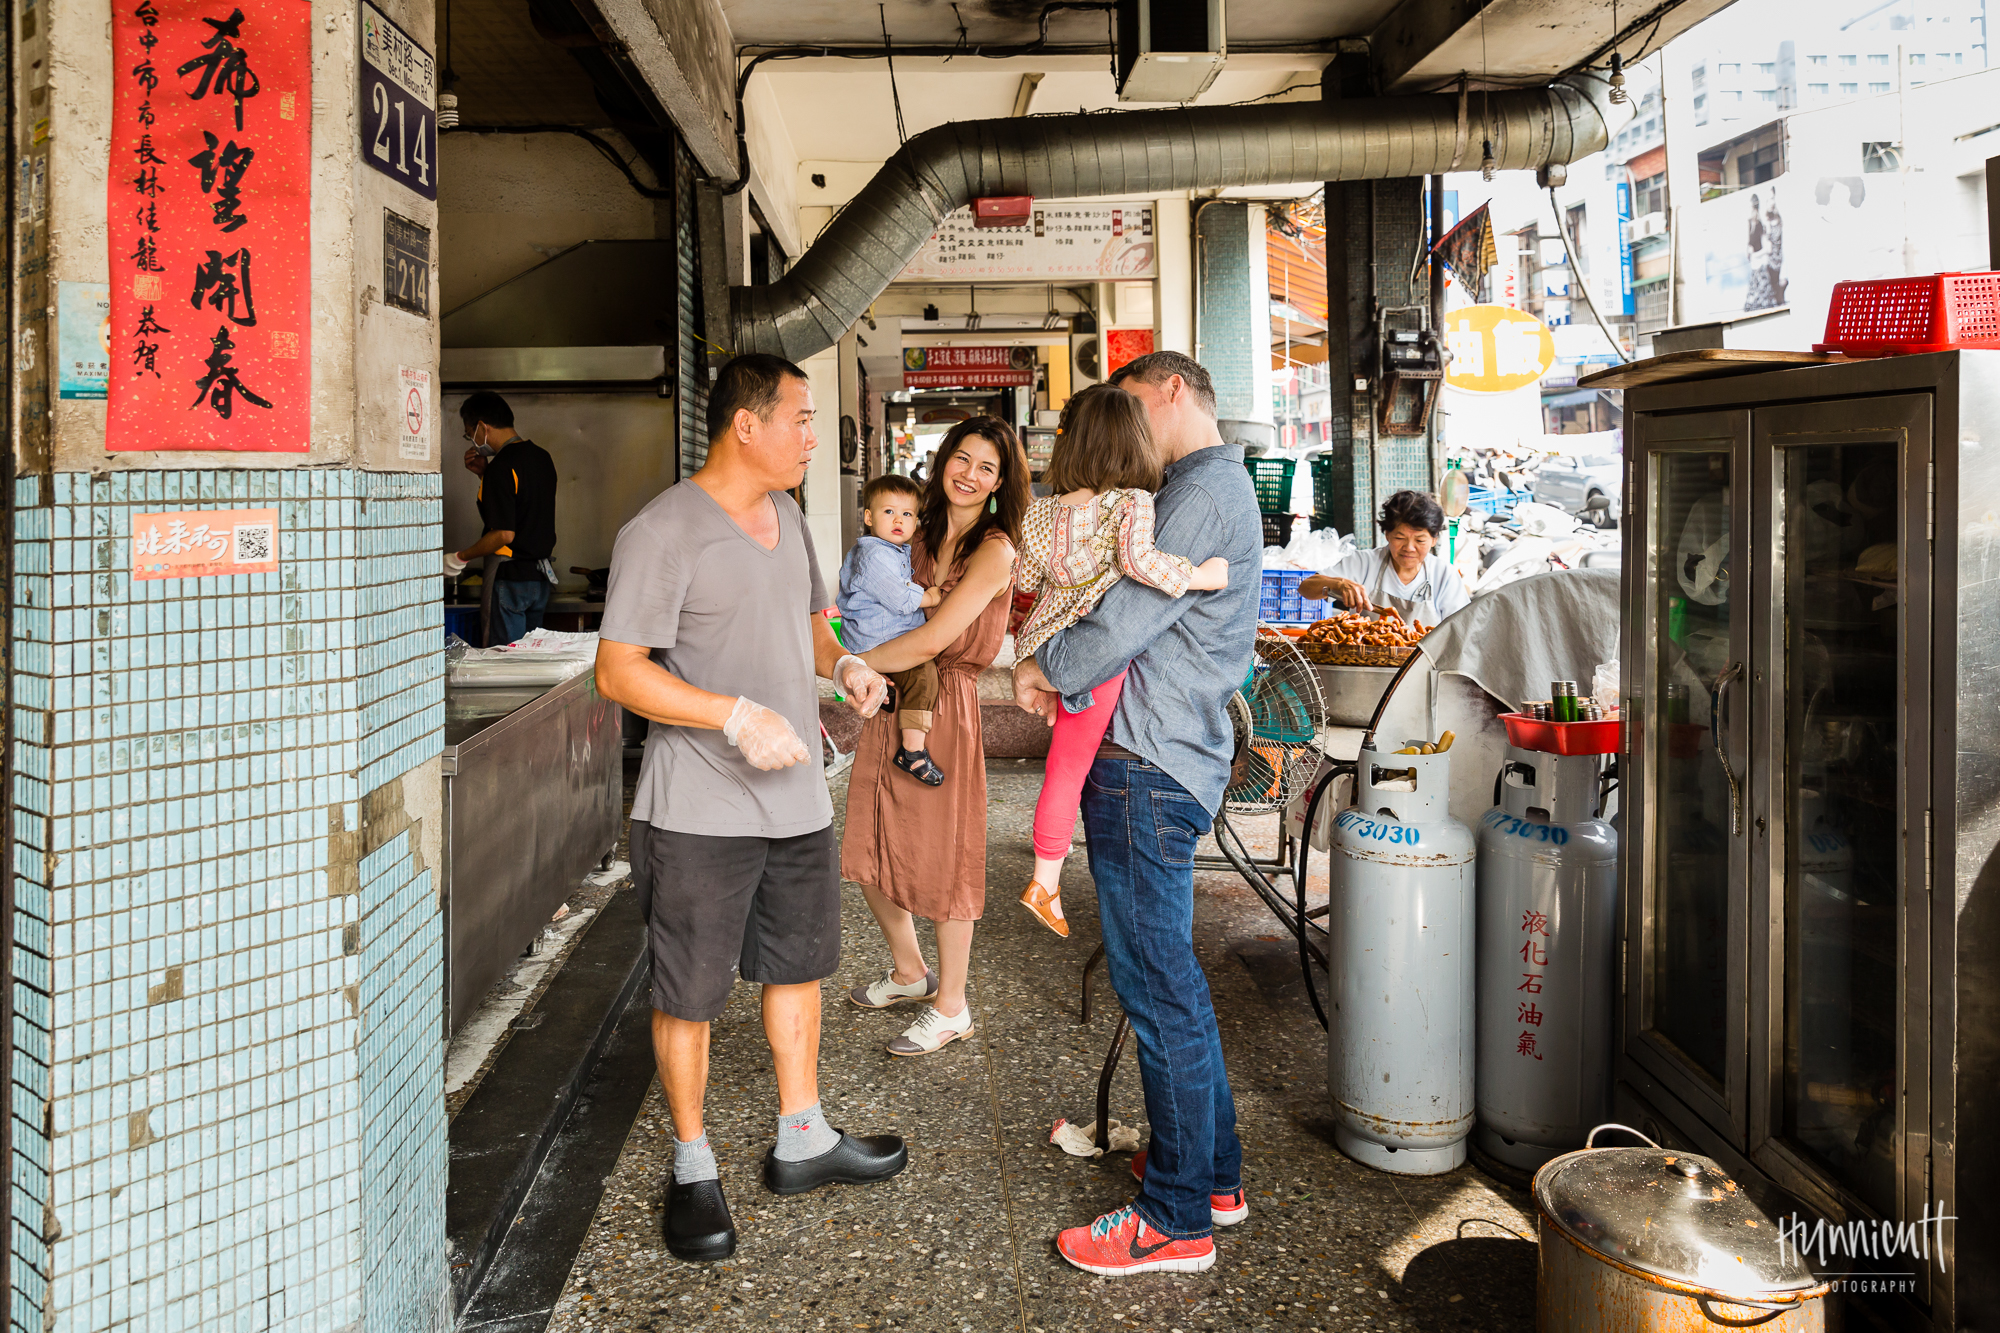 Taiwan-Urban-Lifestle-Duck-Family-HunnicuttPHotography-33